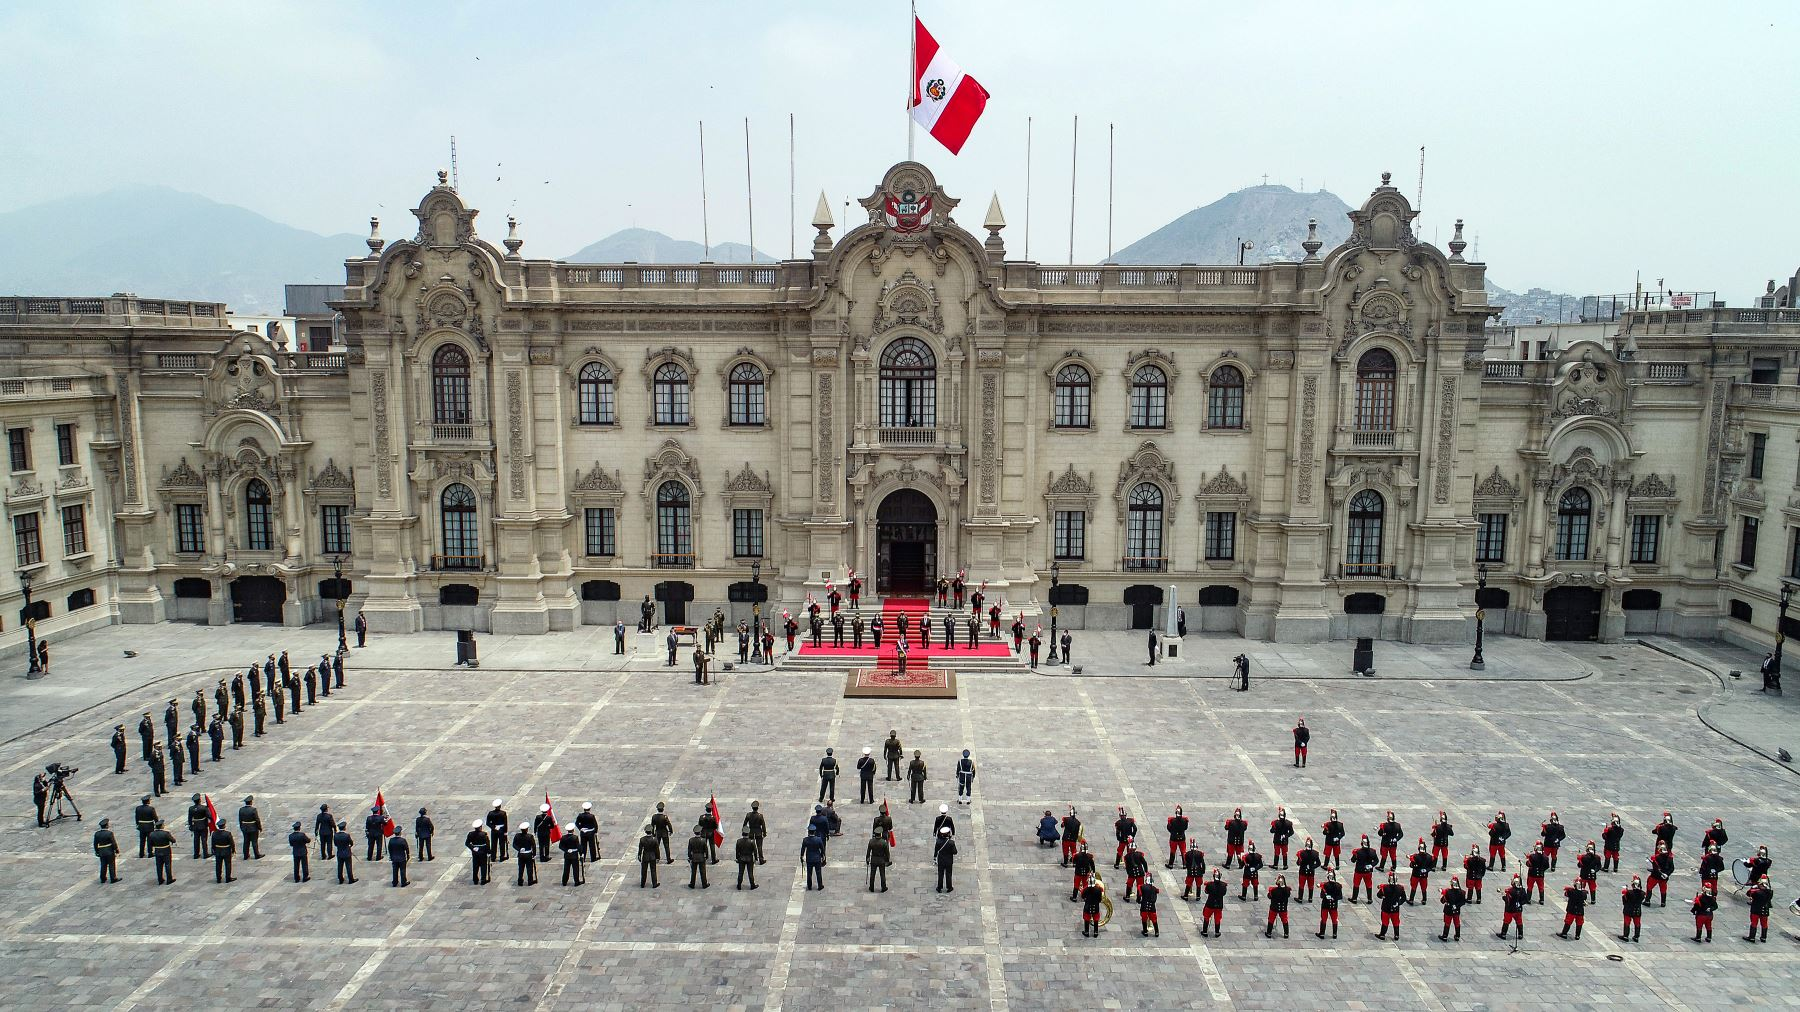 Ceremonia de reconocimiento del presidente de la República, Francisco Sagasti, como Jefe Supremo de las Fuerzas Armadas y de la Policía Nacional del Perú. Foto: ANDINA/Prensa Presidencia